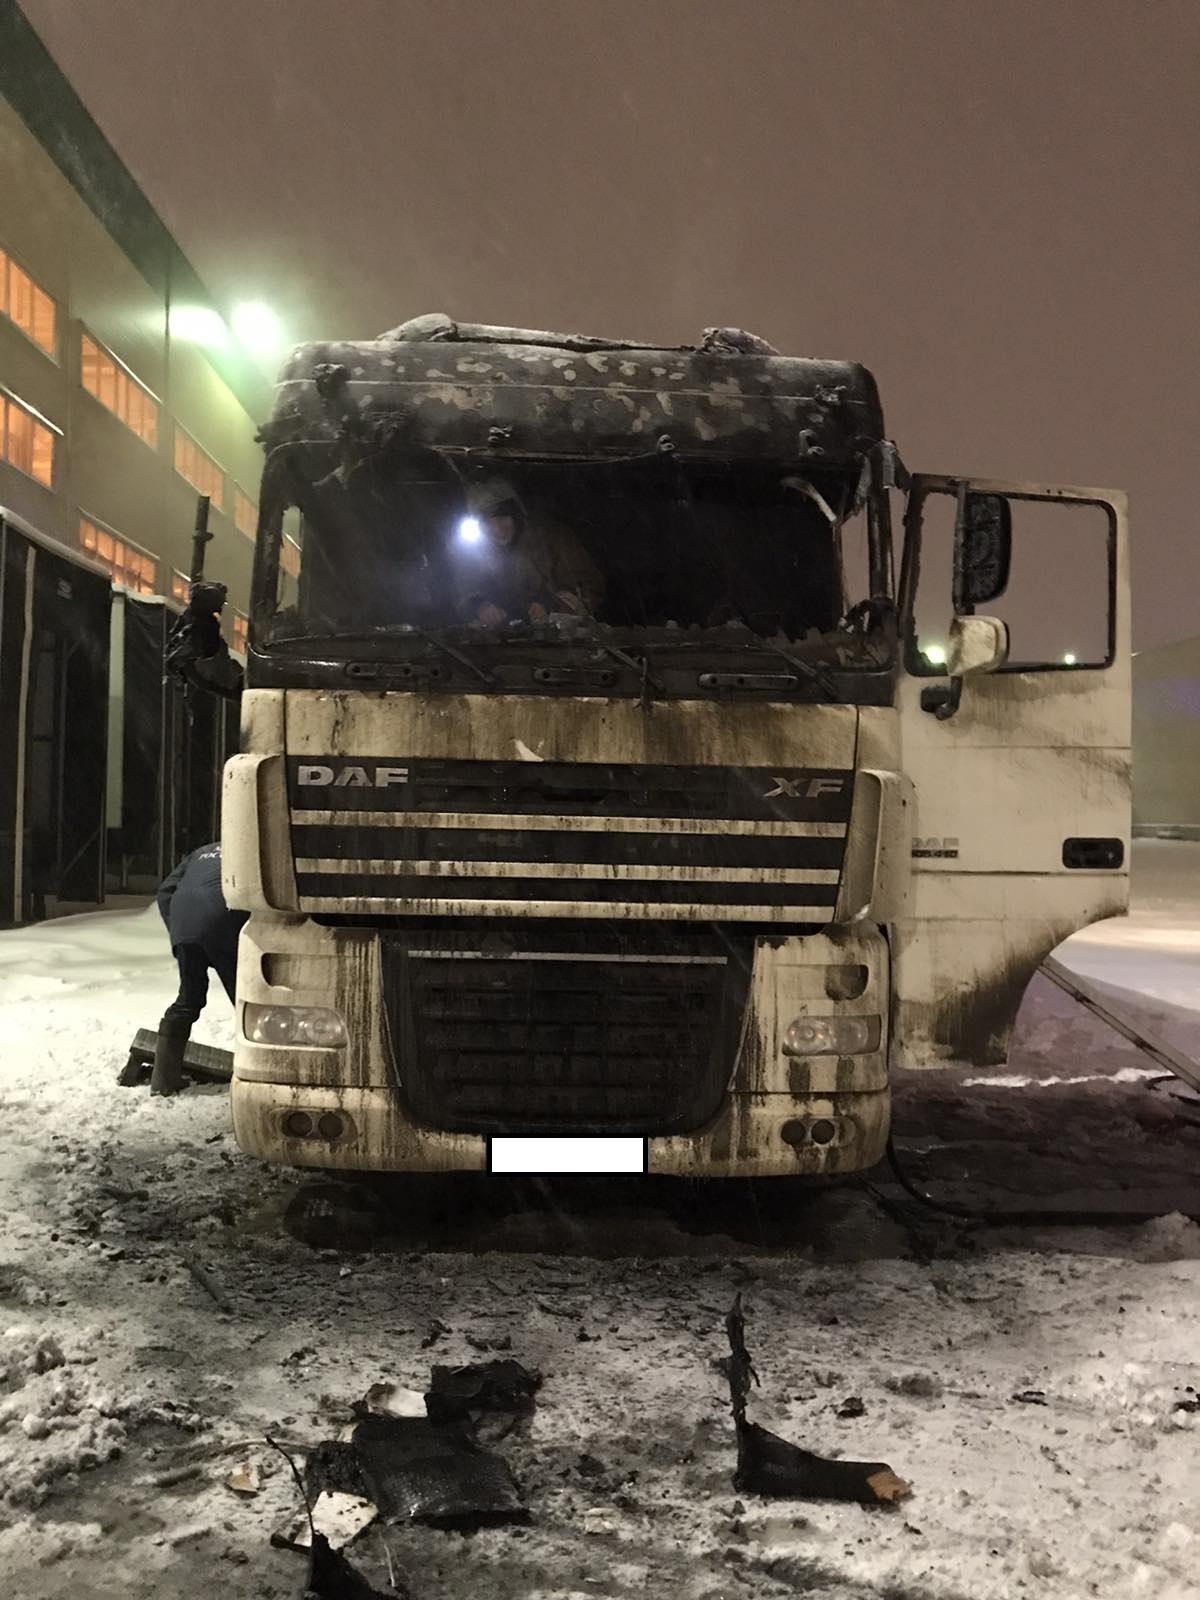 Фото с места пожара в Калуге 13 января.